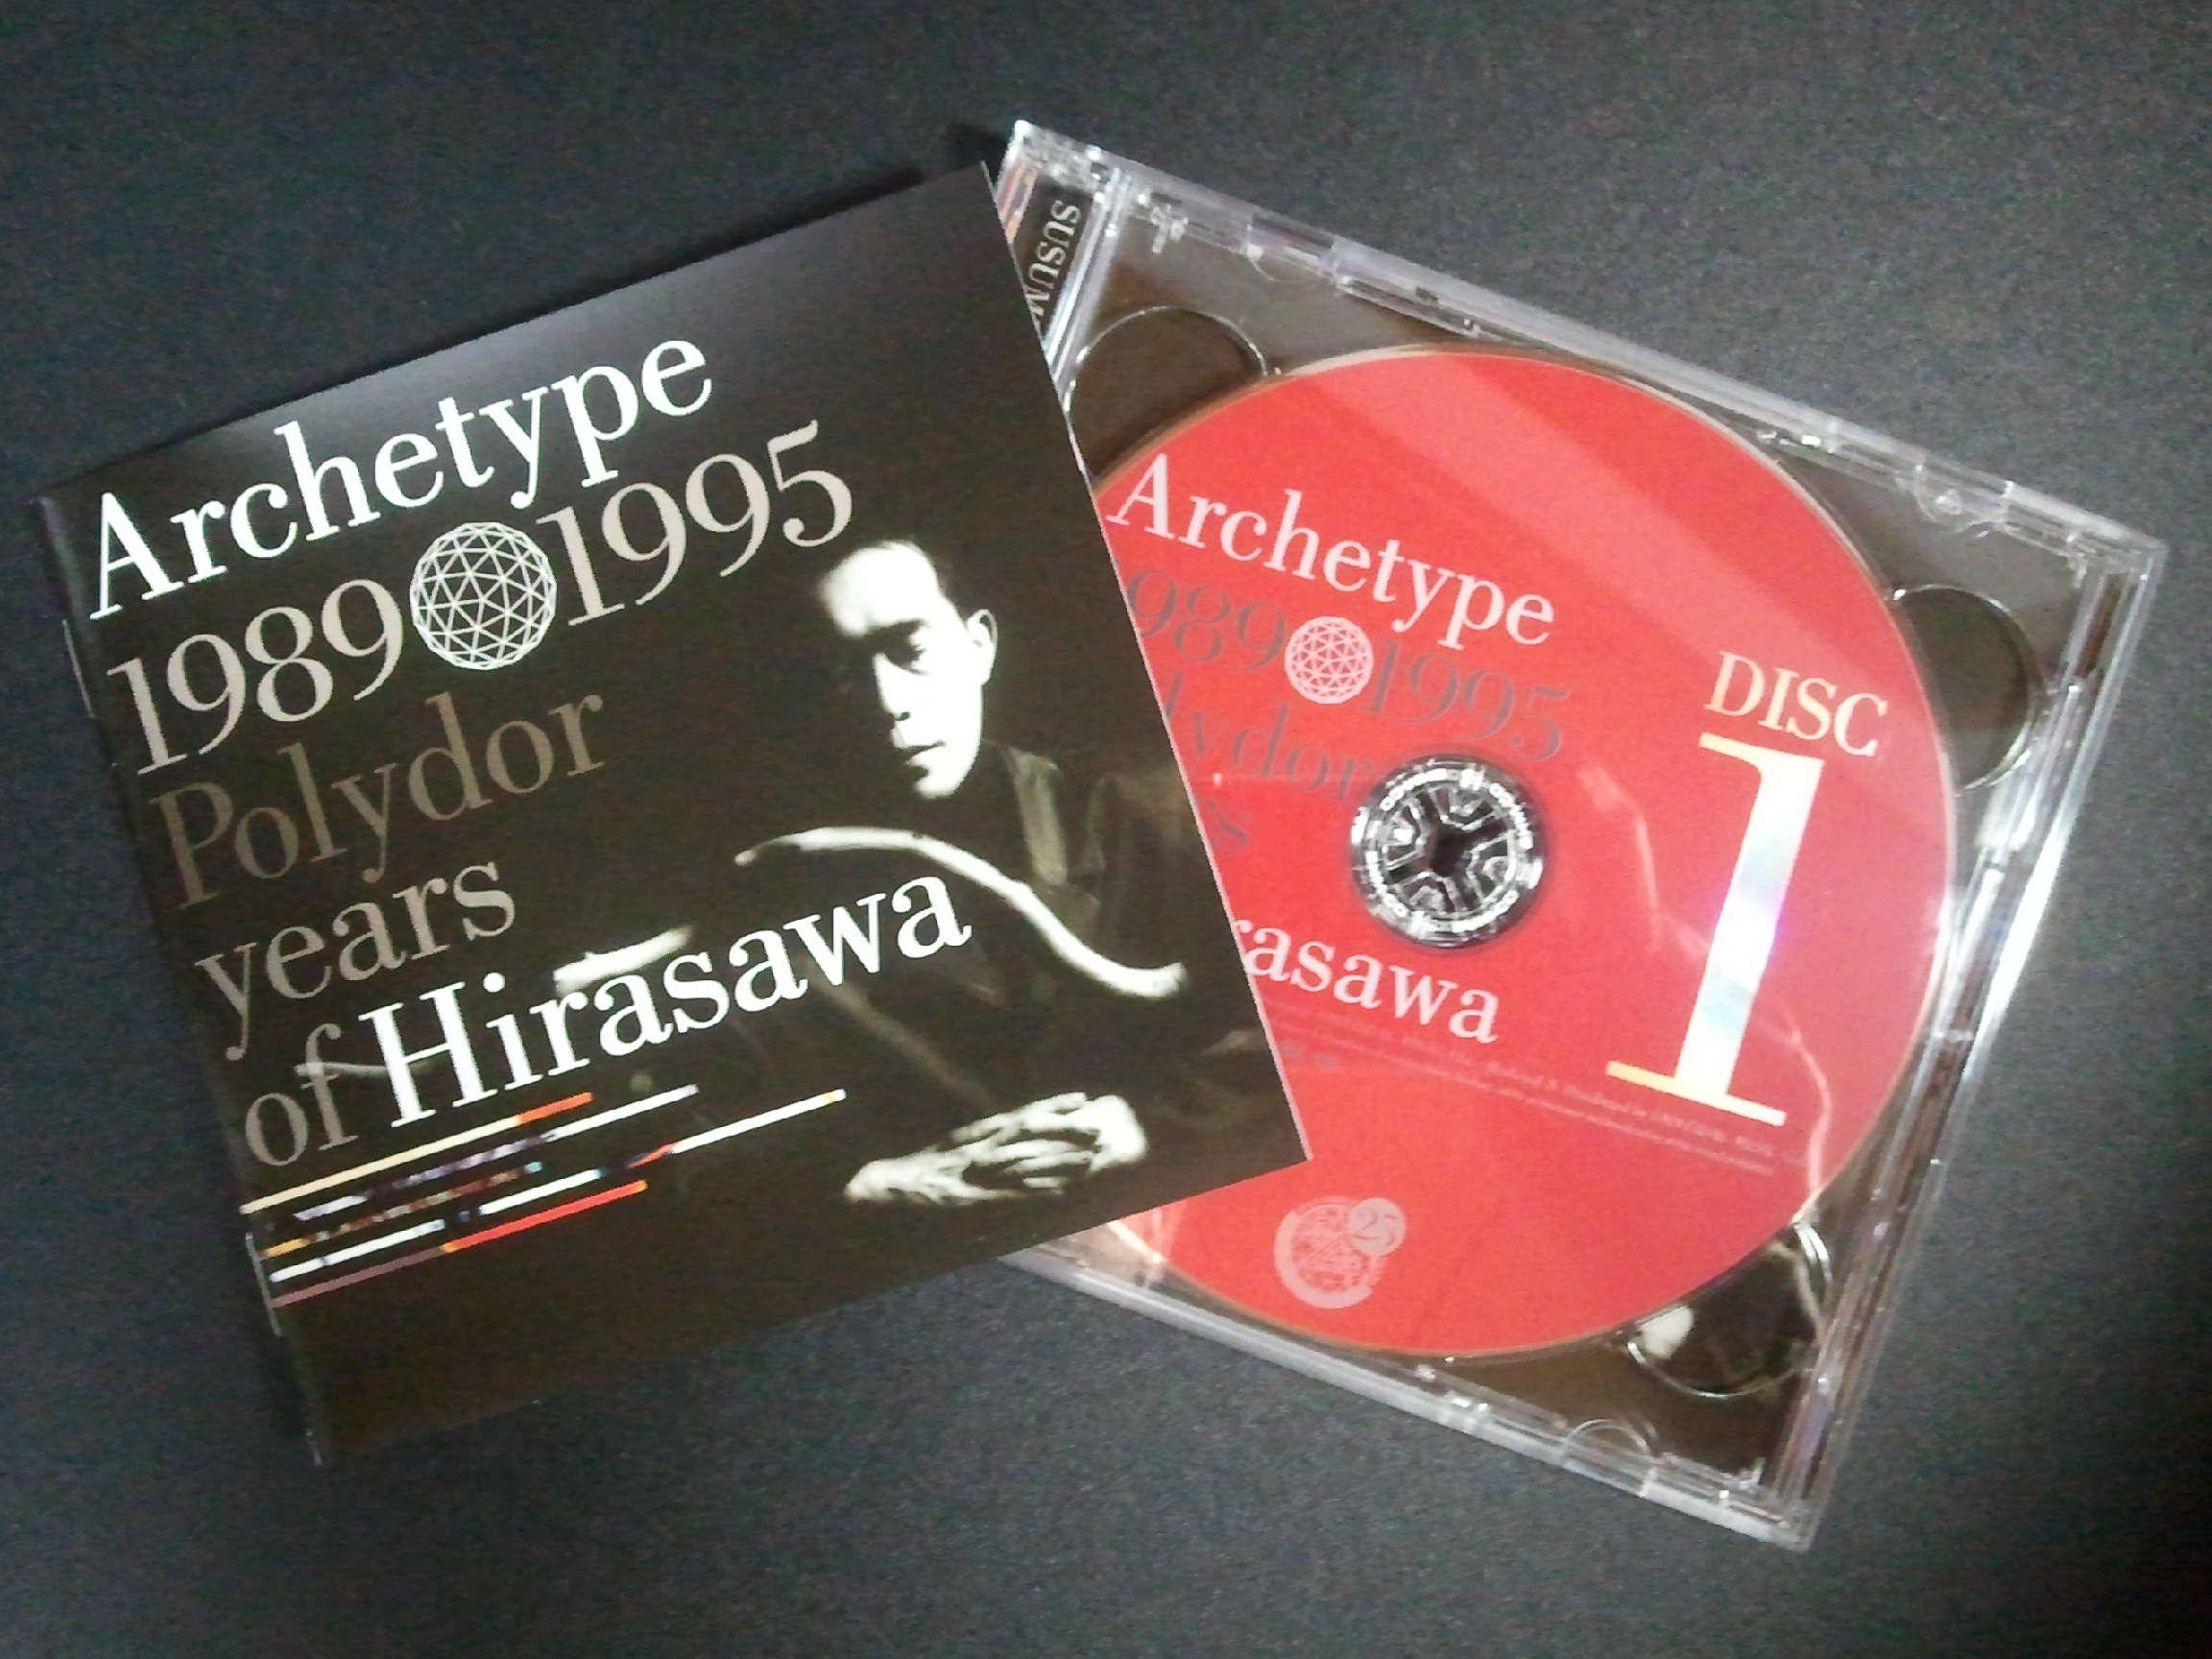 平沢進 Archetype 1989 1995 Polydor sears of Hirasawa